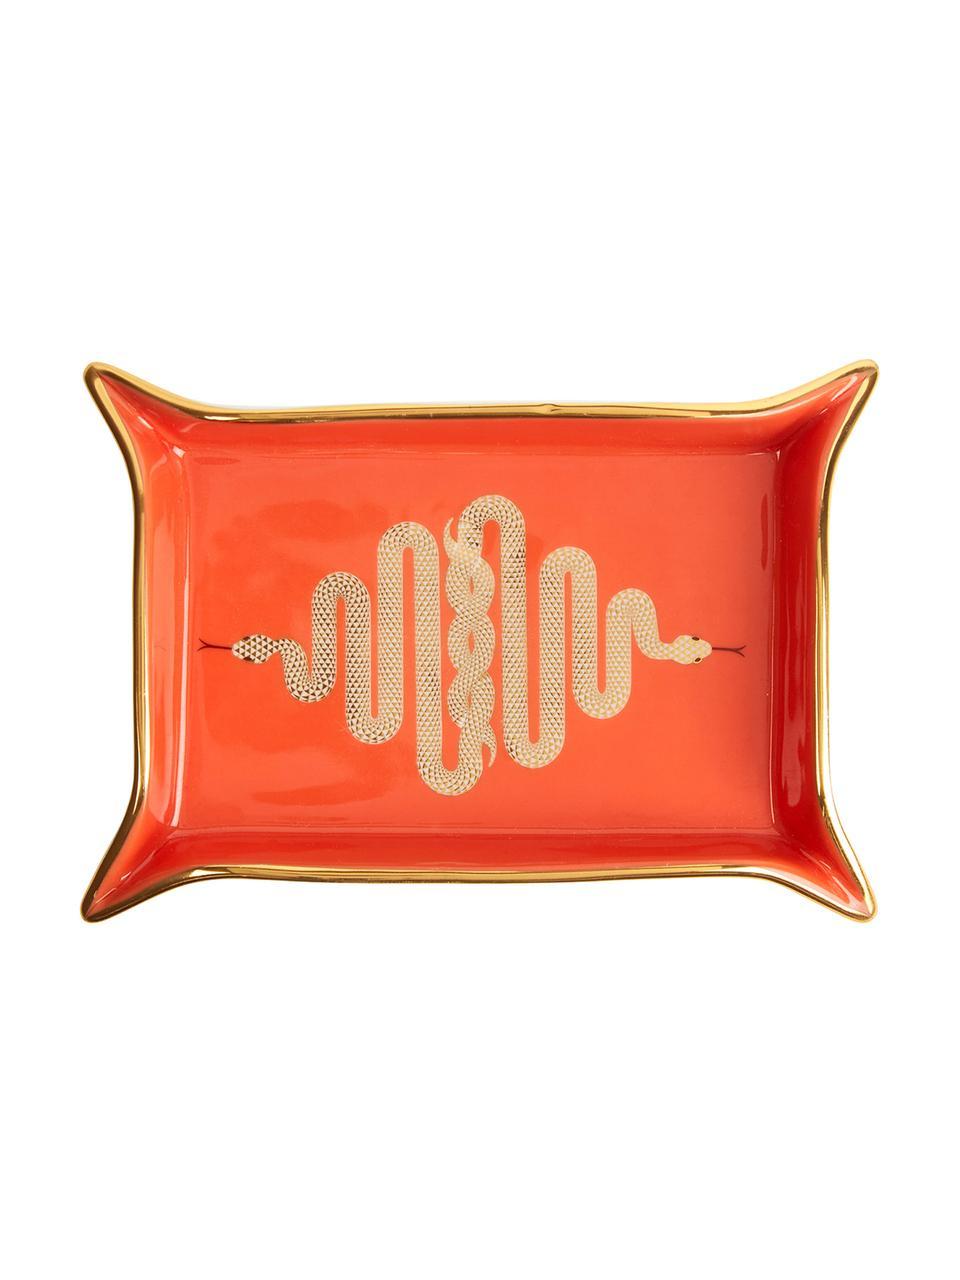 Schaal Snake, Porselein, vergulde accenten, Binnenkant: oranje, goud Buitenkant: wit, 13 x 18 cm